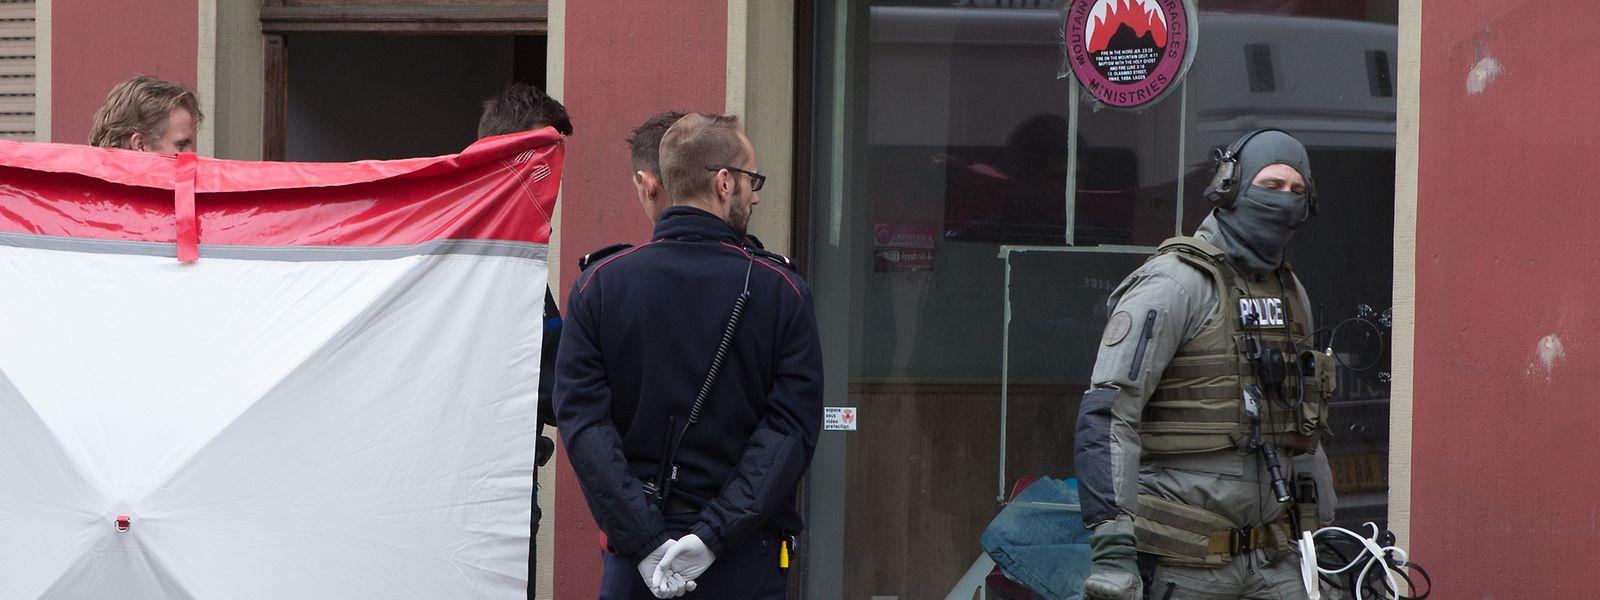 """Bei der Razzia im """"G33""""-Haus in Wasserbillig – das nach außen den Eindruck eines Sektenzentrums aufrecht erhielt – wurden am 27. Oktober 2015 rund 50 Personen festgenommen. 21 davon stehen jetzt in zweiter Instanz vor Gericht."""